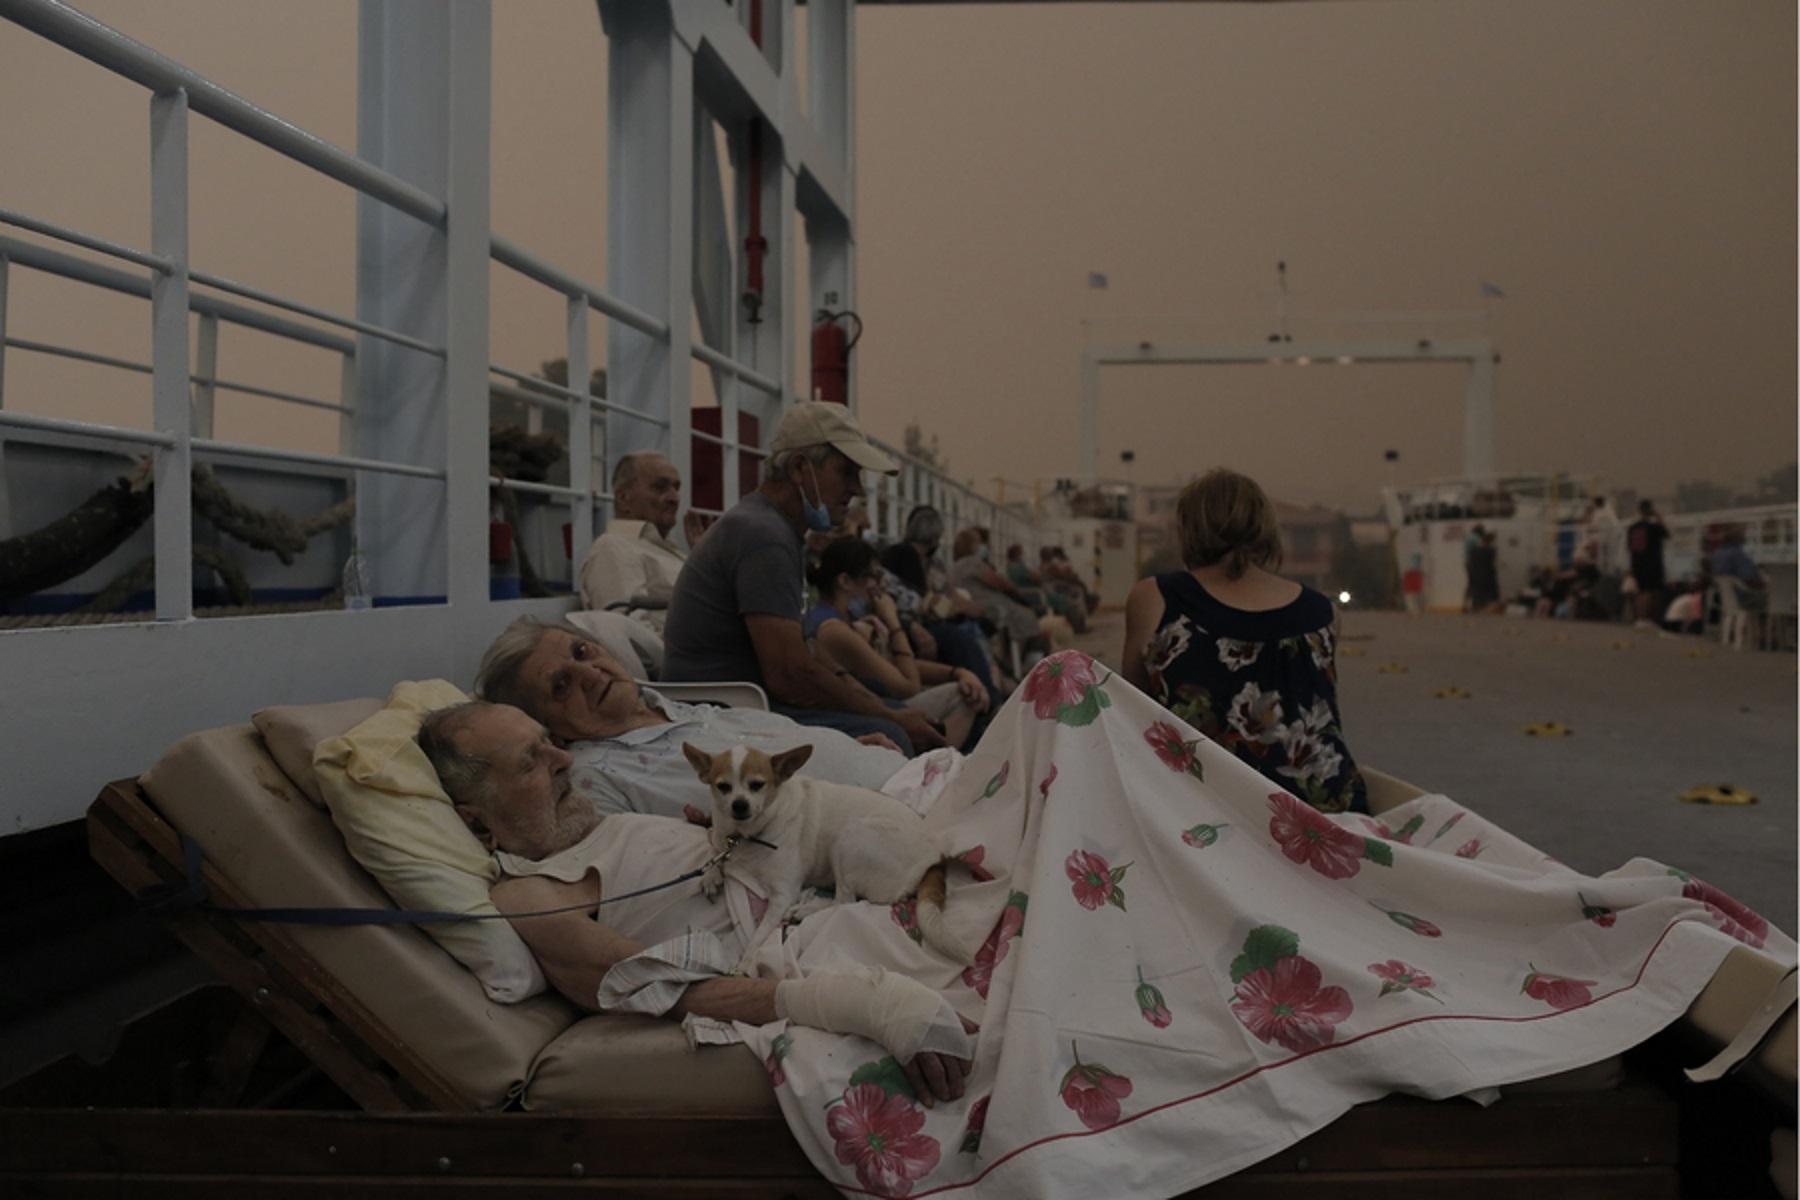 Φωτιές στην Εύβοια: «Γροθιά στο στομάχι» η φωτογραφία ηλικιωμένου ζευγαριού